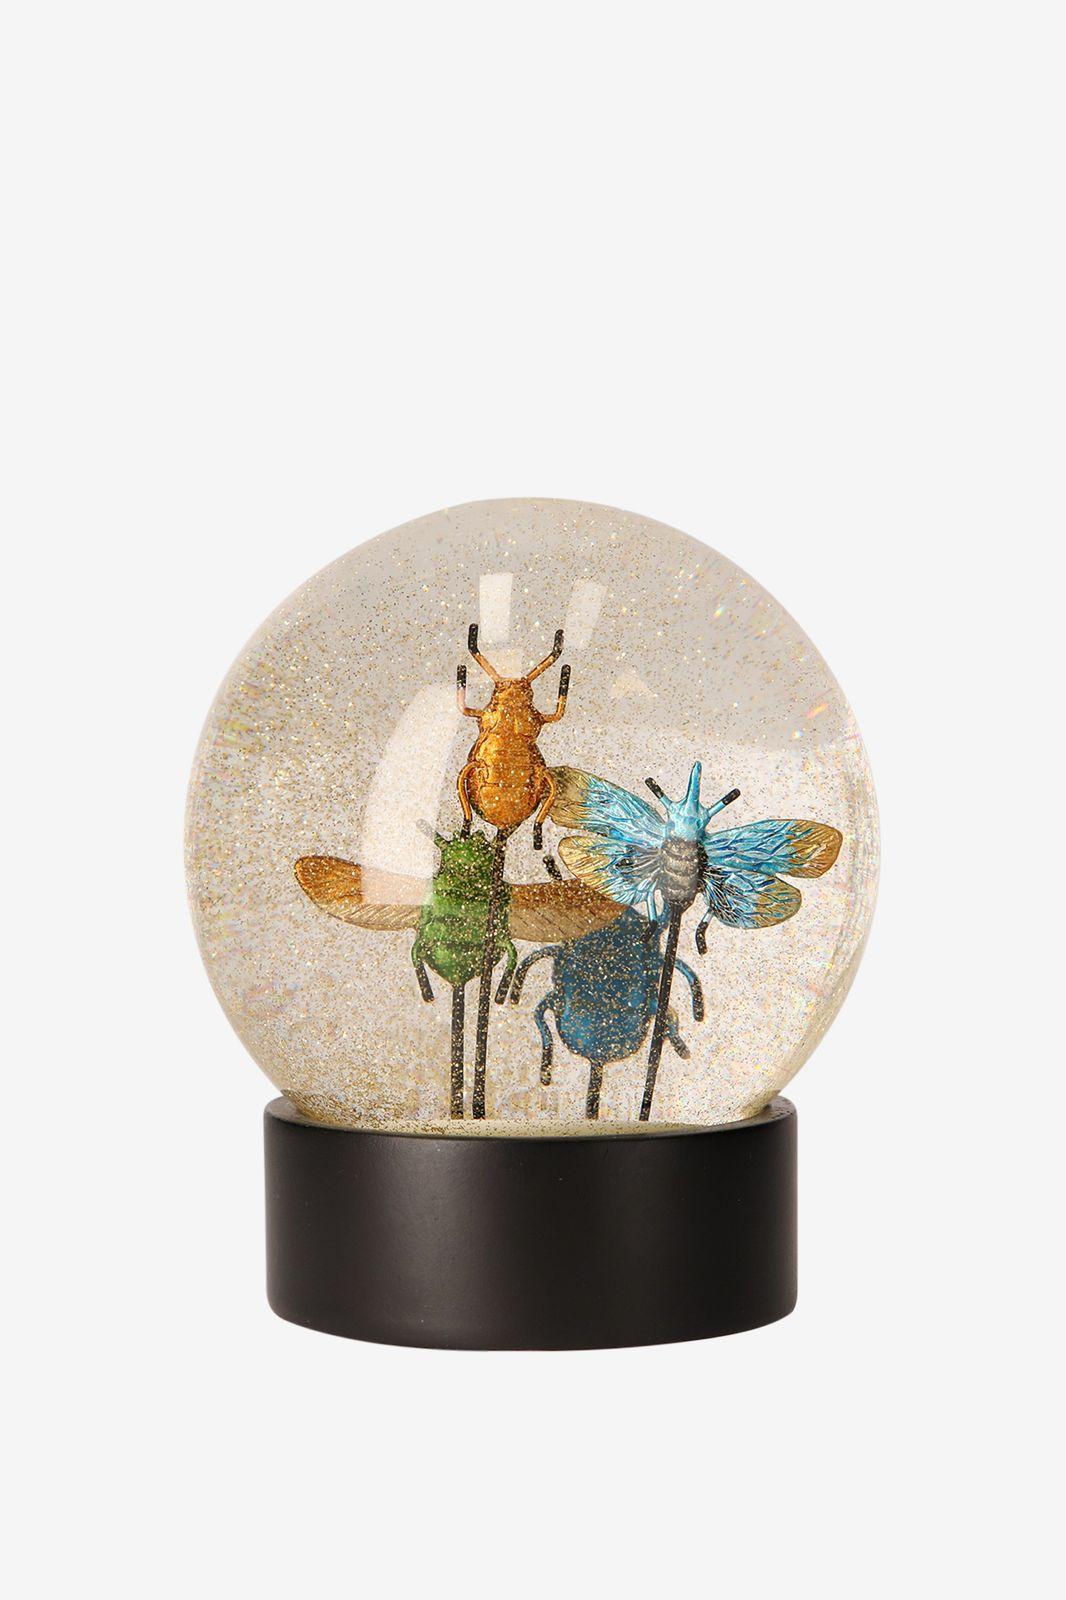 Sneeuwbol met insecten XL